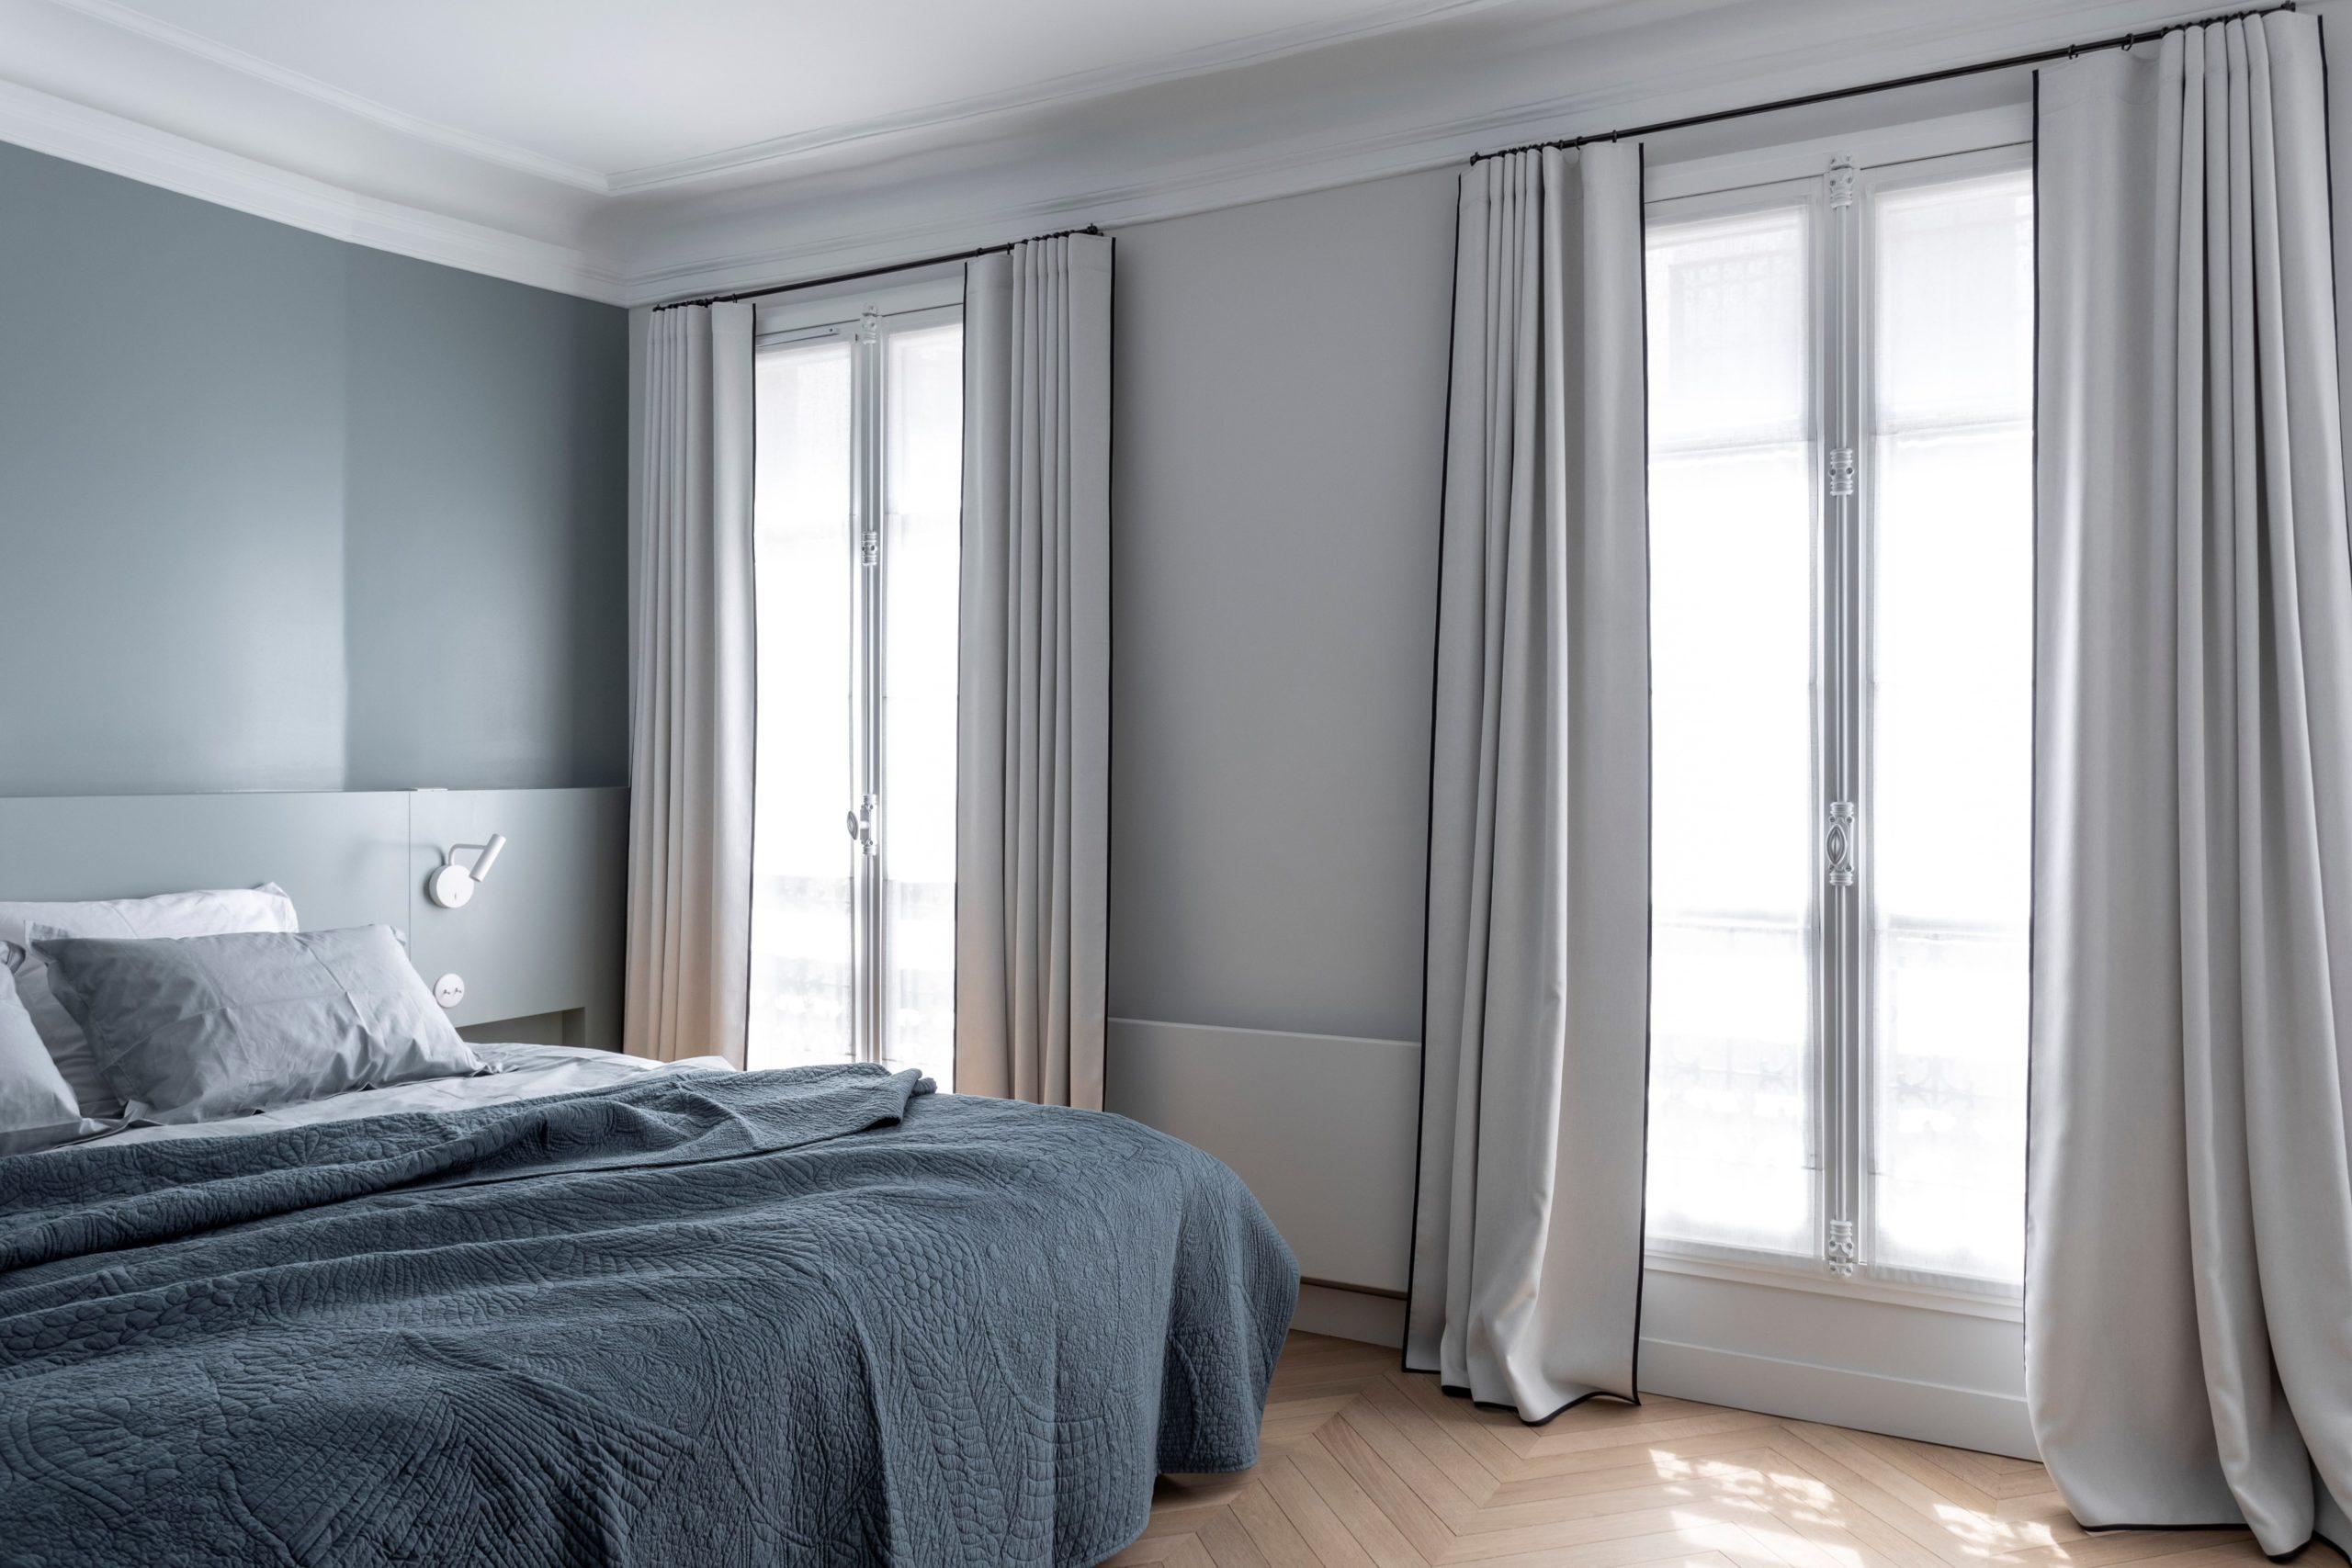 chambre rideaux tete de lit point-de hongrie